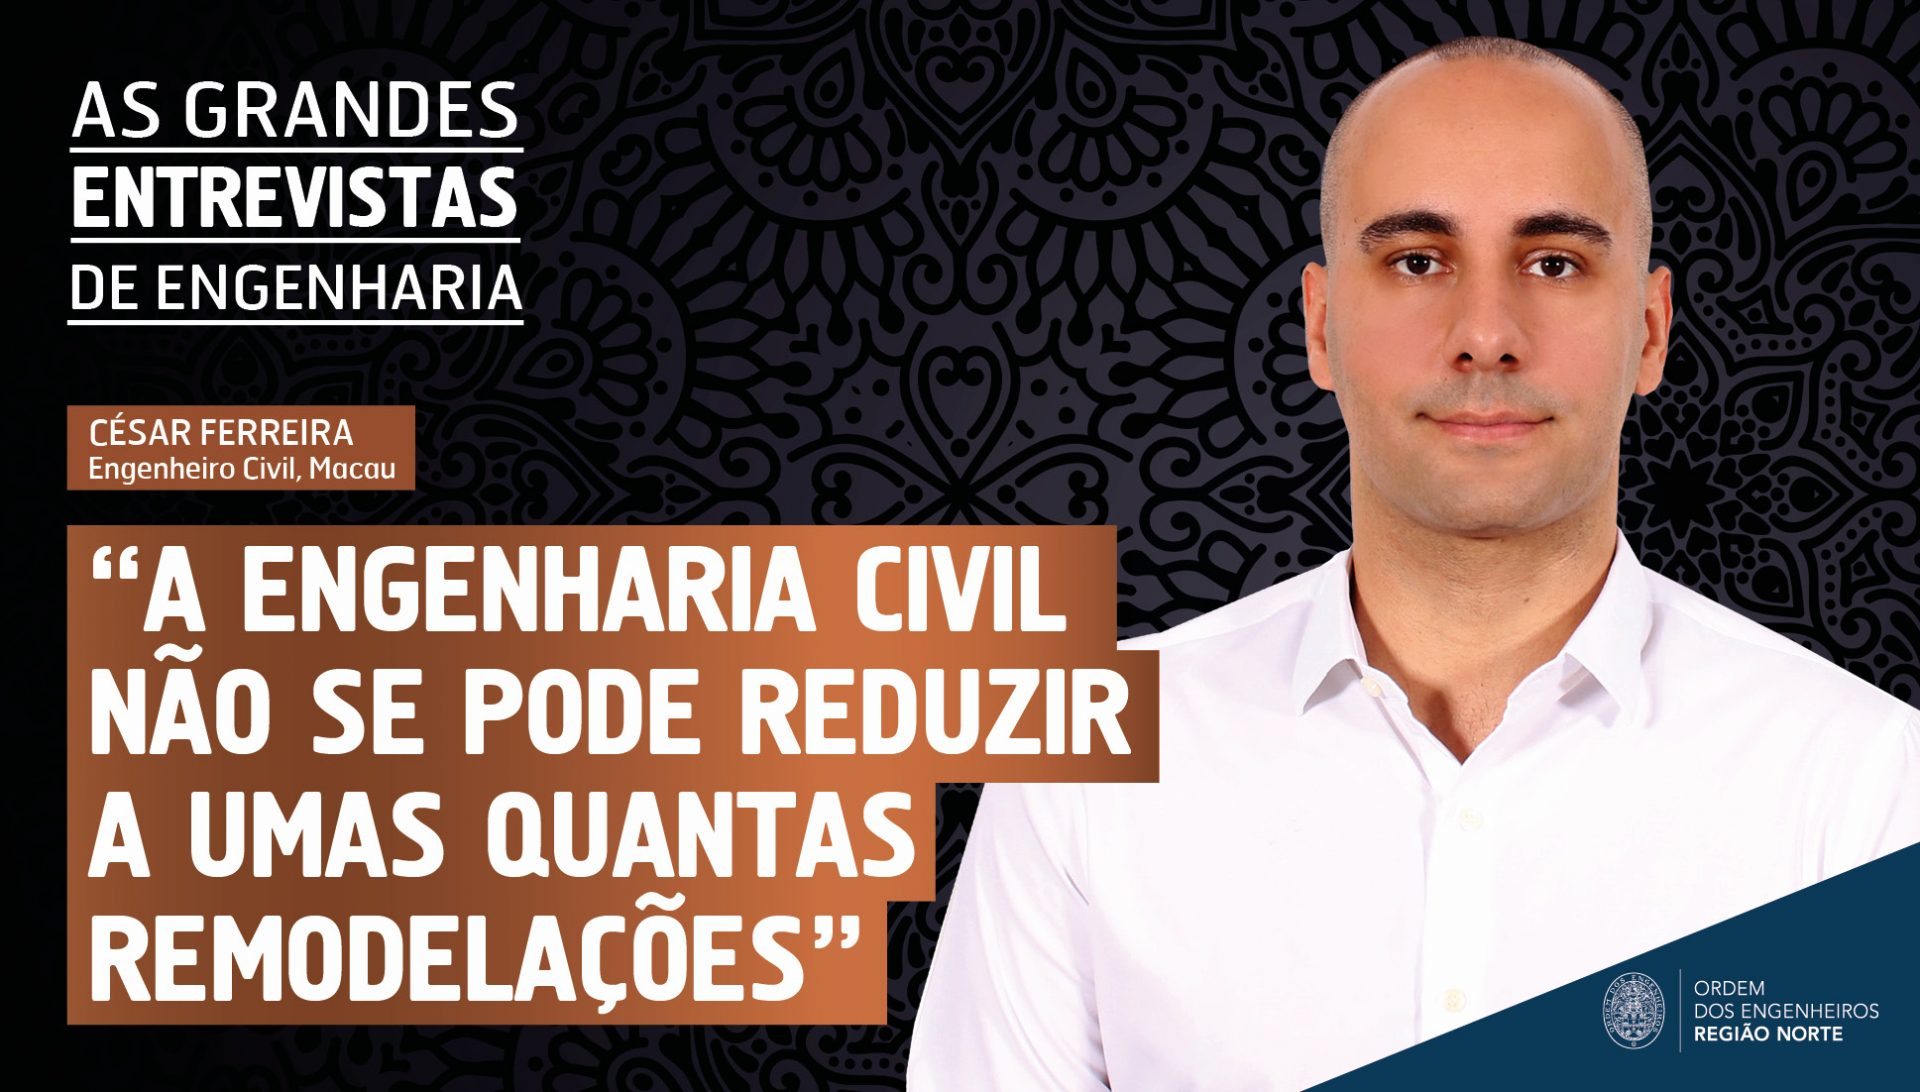 Plataforma Notícias Ordem Engenheiros Região Norte - Grandes entrevistas de Engenharia com… César Ferreira, engenheiro Civil